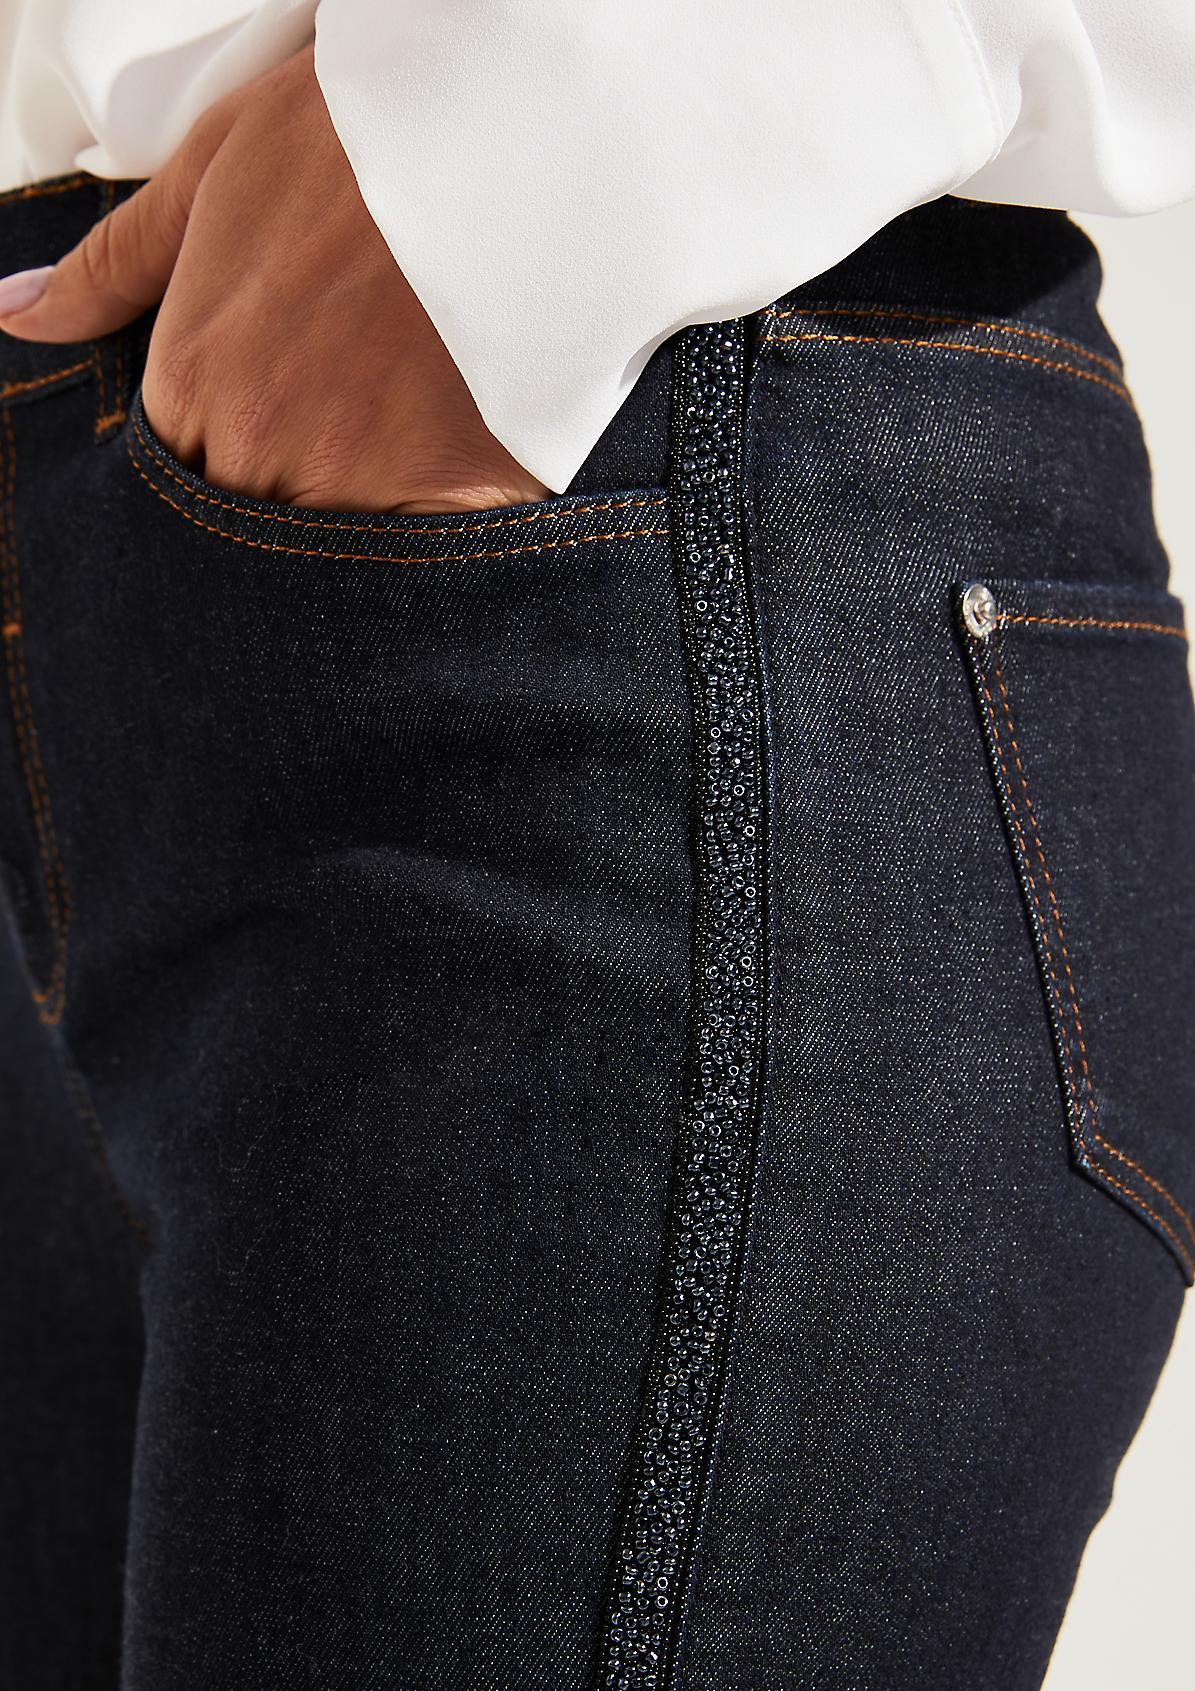 Jeans mit glitzernden Schmuckperlenverzierungen